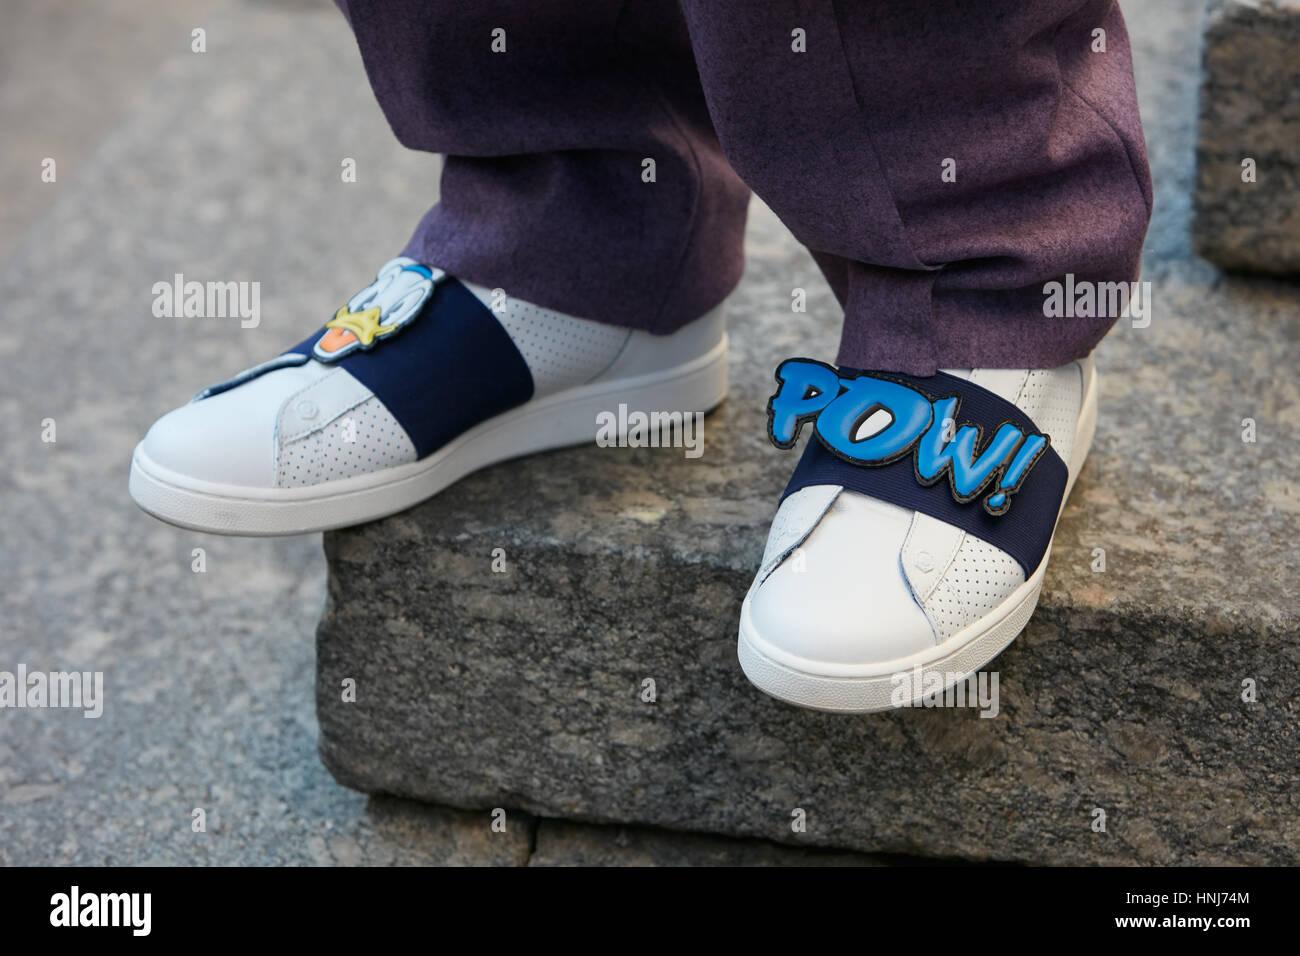 Hombre Con Pantalones De Color Purpura Y El Comic Escrito Pow En Zapatos Blancos Con Antes De Salvatore Ferragamo Fashion Show La Semana De La Moda De Milan Fotografia De Stock